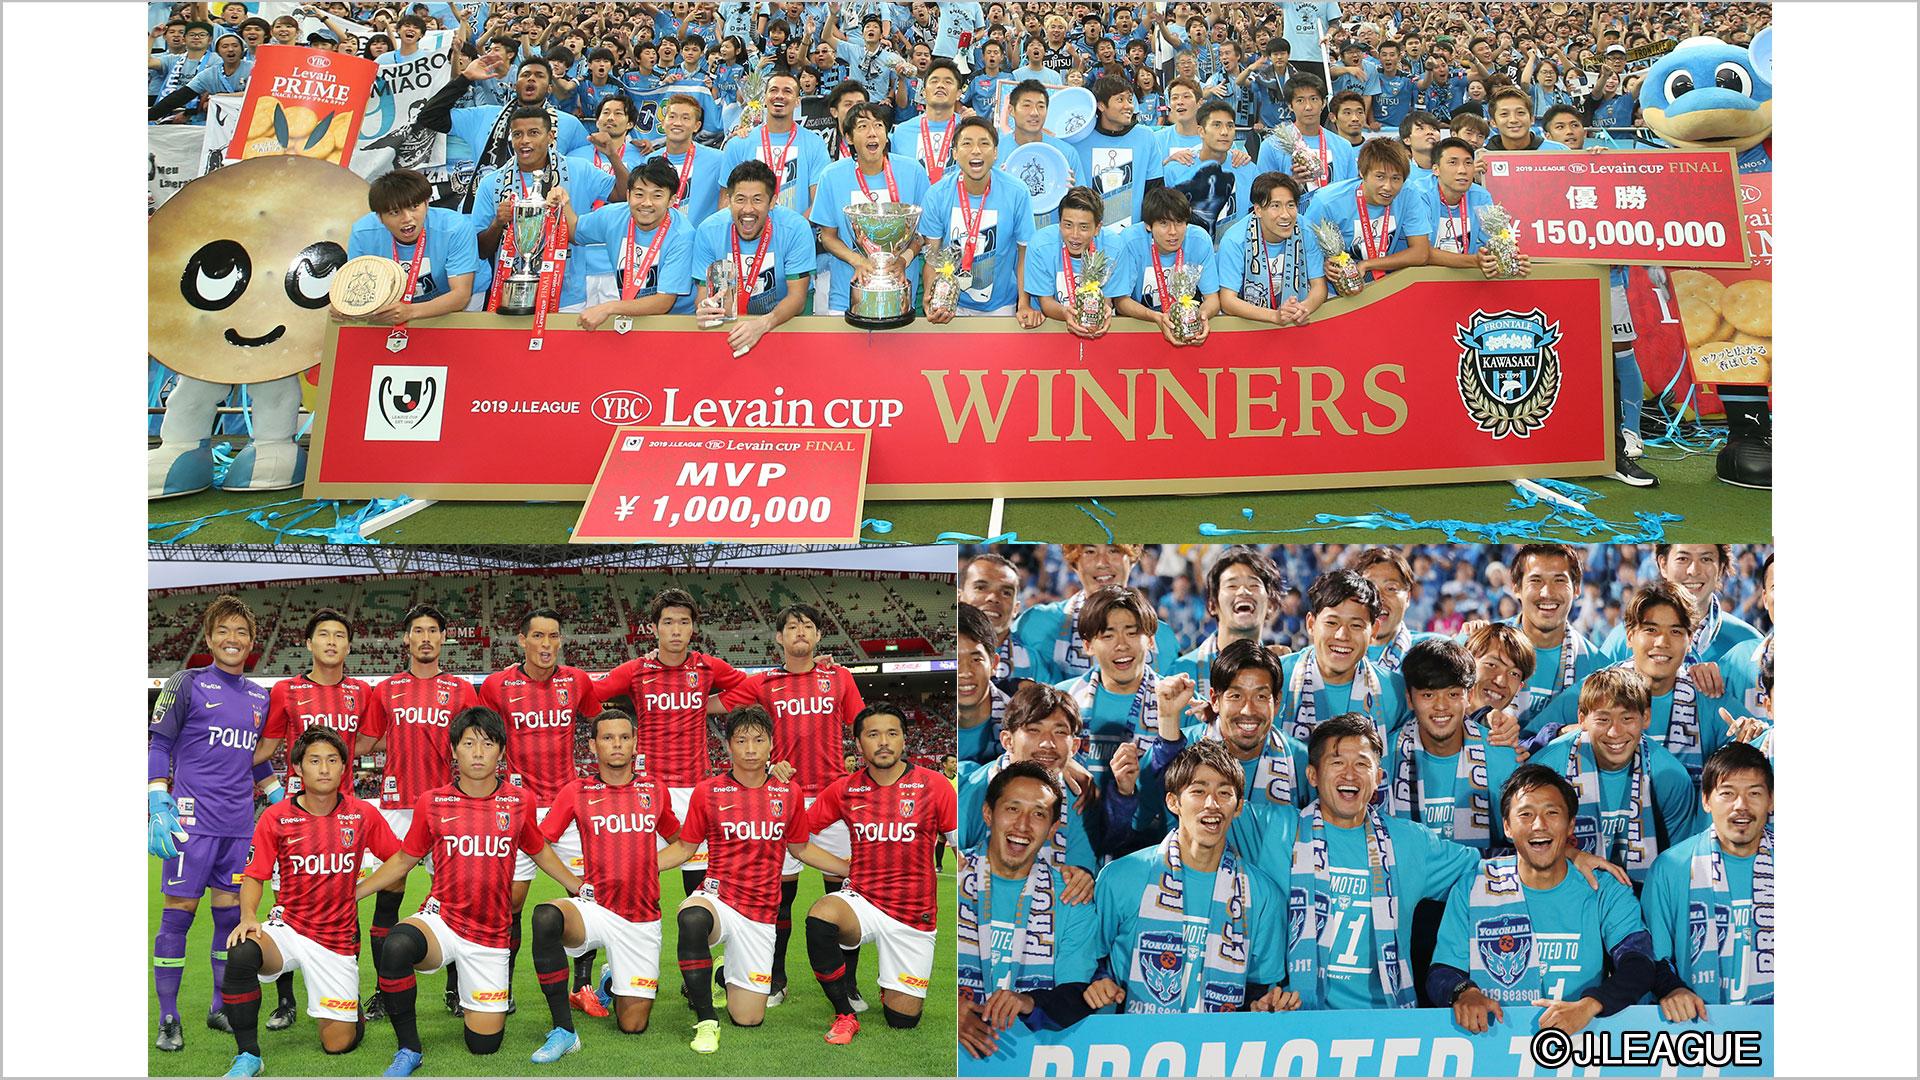 2020 JリーグYBCルヴァンカップ グループステージ 第2節 Bグループ セレッソ大阪 vs 浦和レッズ